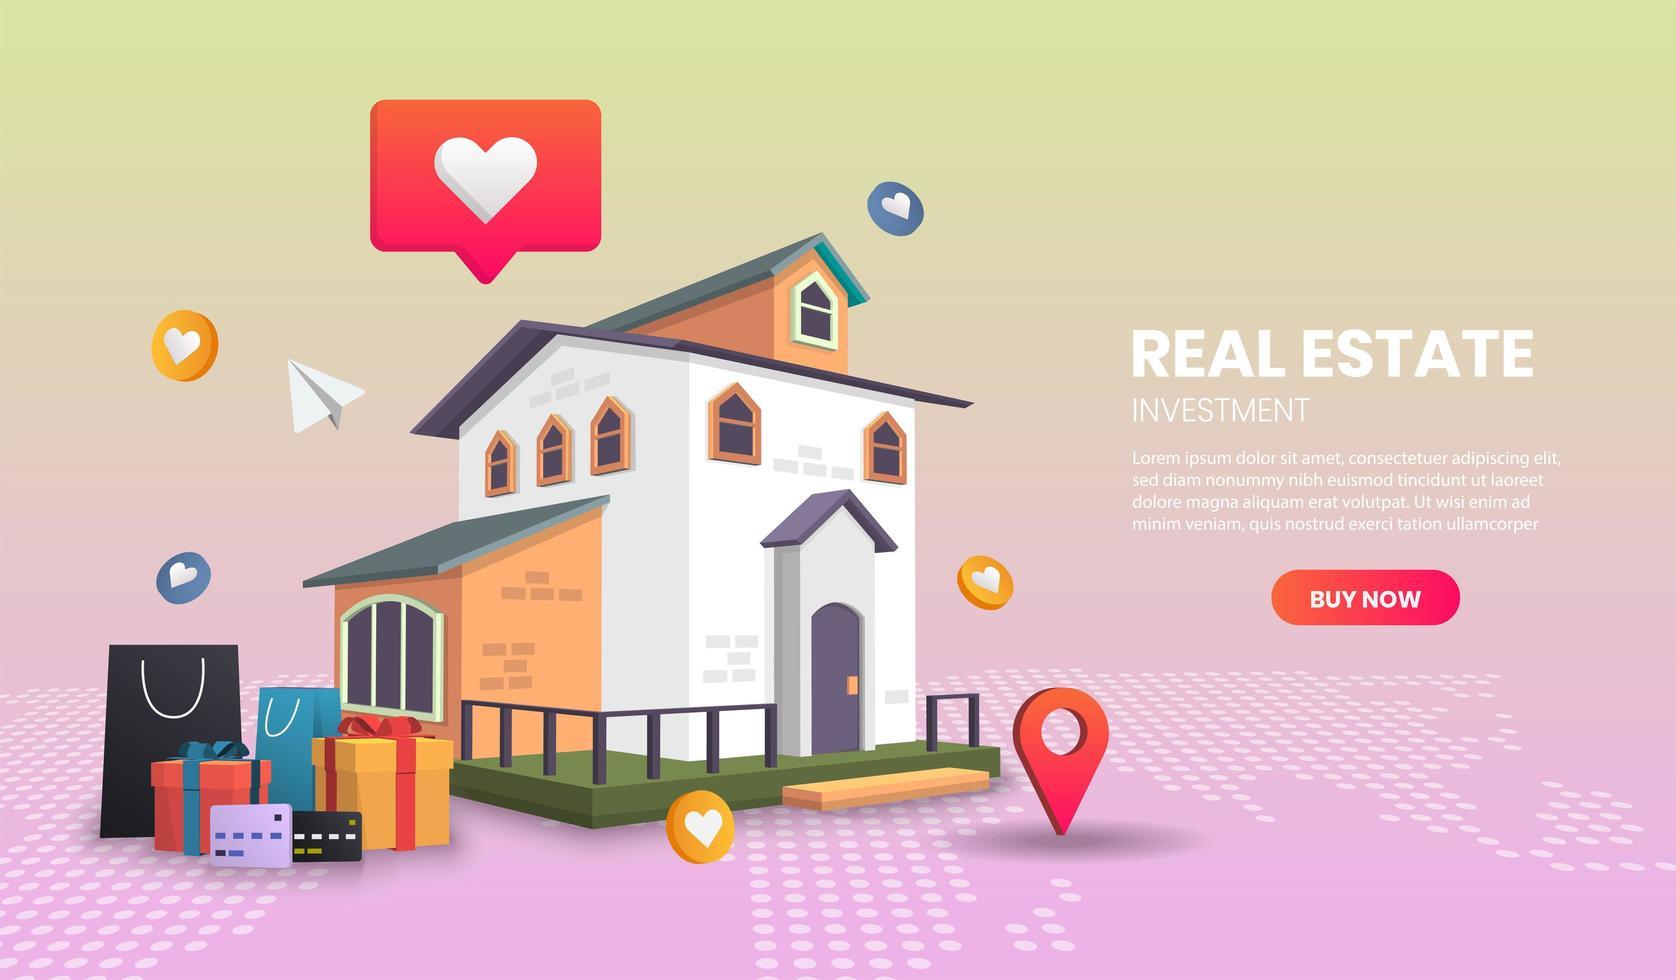 página de destino do investimento imobiliário vetor